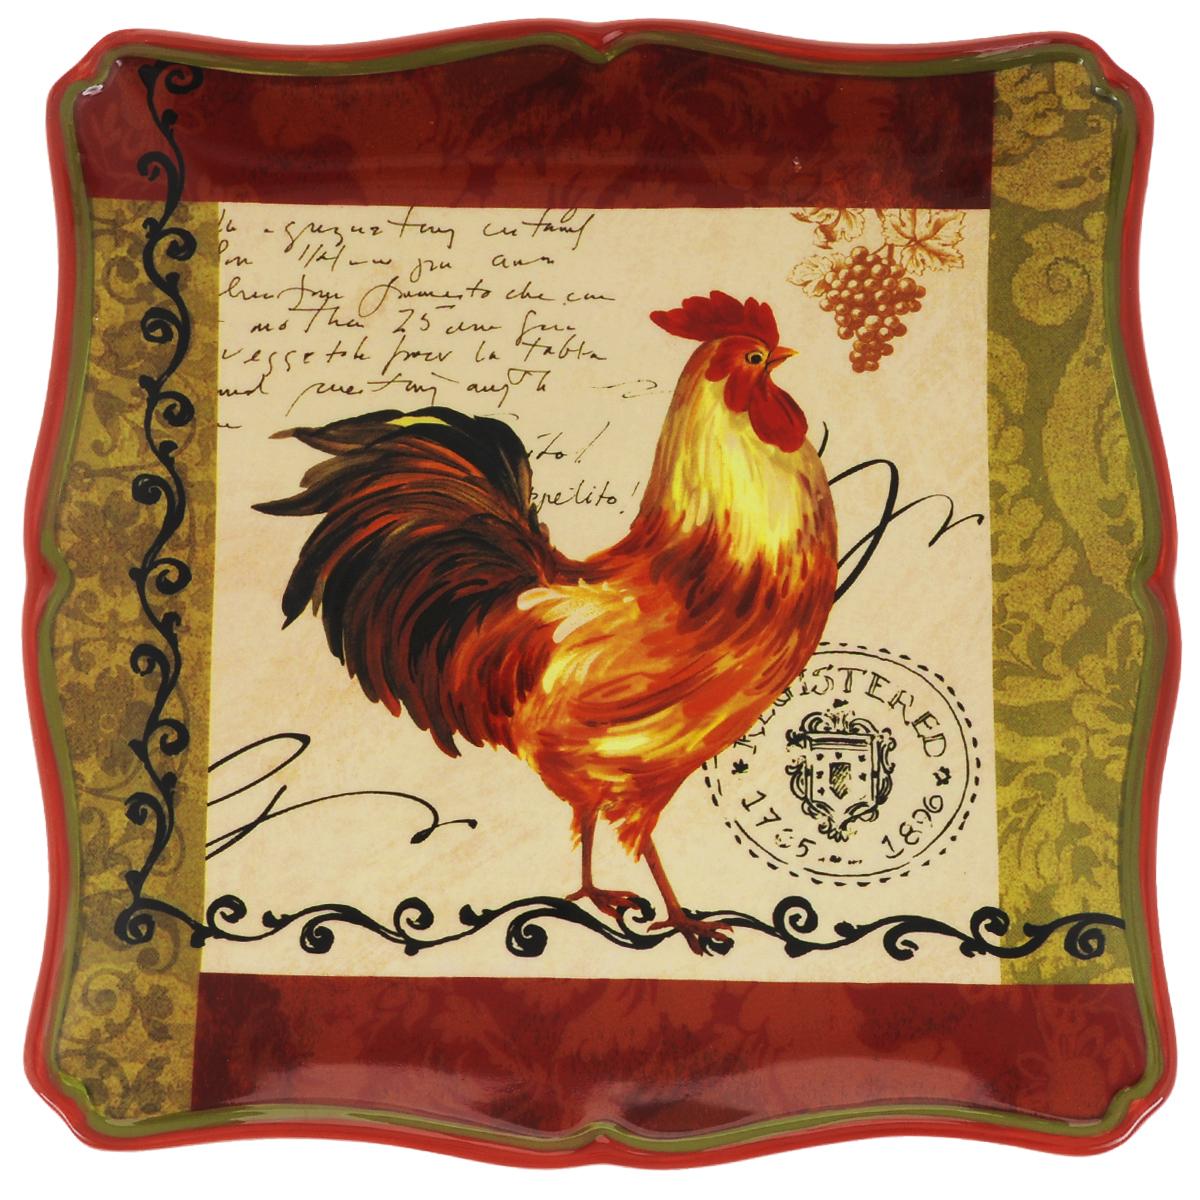 Тарелка обеденная Certified International Тосканский петух, цвет: золотистый, красный, черный, 27 х 27 см63200_золотистый,красный,черныйОбеденная тарелка Certified International Тосканский петух, изготовленная из высококачественной керамики, украшена ярким рисунком. Изящный дизайн придется по вкусу и ценителям классики, и тем, кто предпочитает утонченность. Тарелка Certified International Тосканский петух идеально подойдет для сервировки стола и станет отличным подарком к любому празднику. Размер тарелки (по верхнему краю): 27 х 27 см.